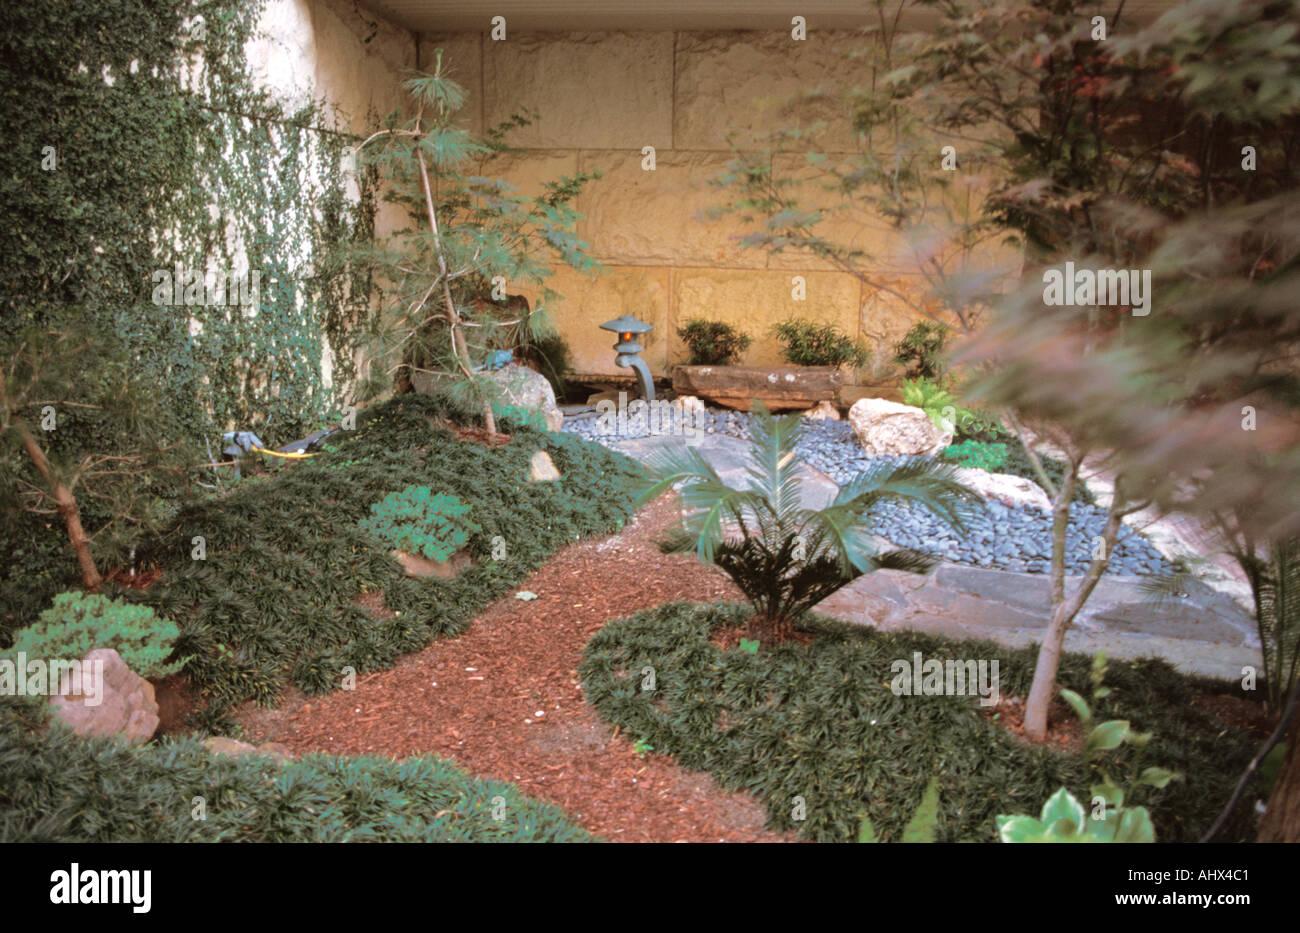 San Antonio Texas USA Botanical Garden Japanese style garden Stock ...